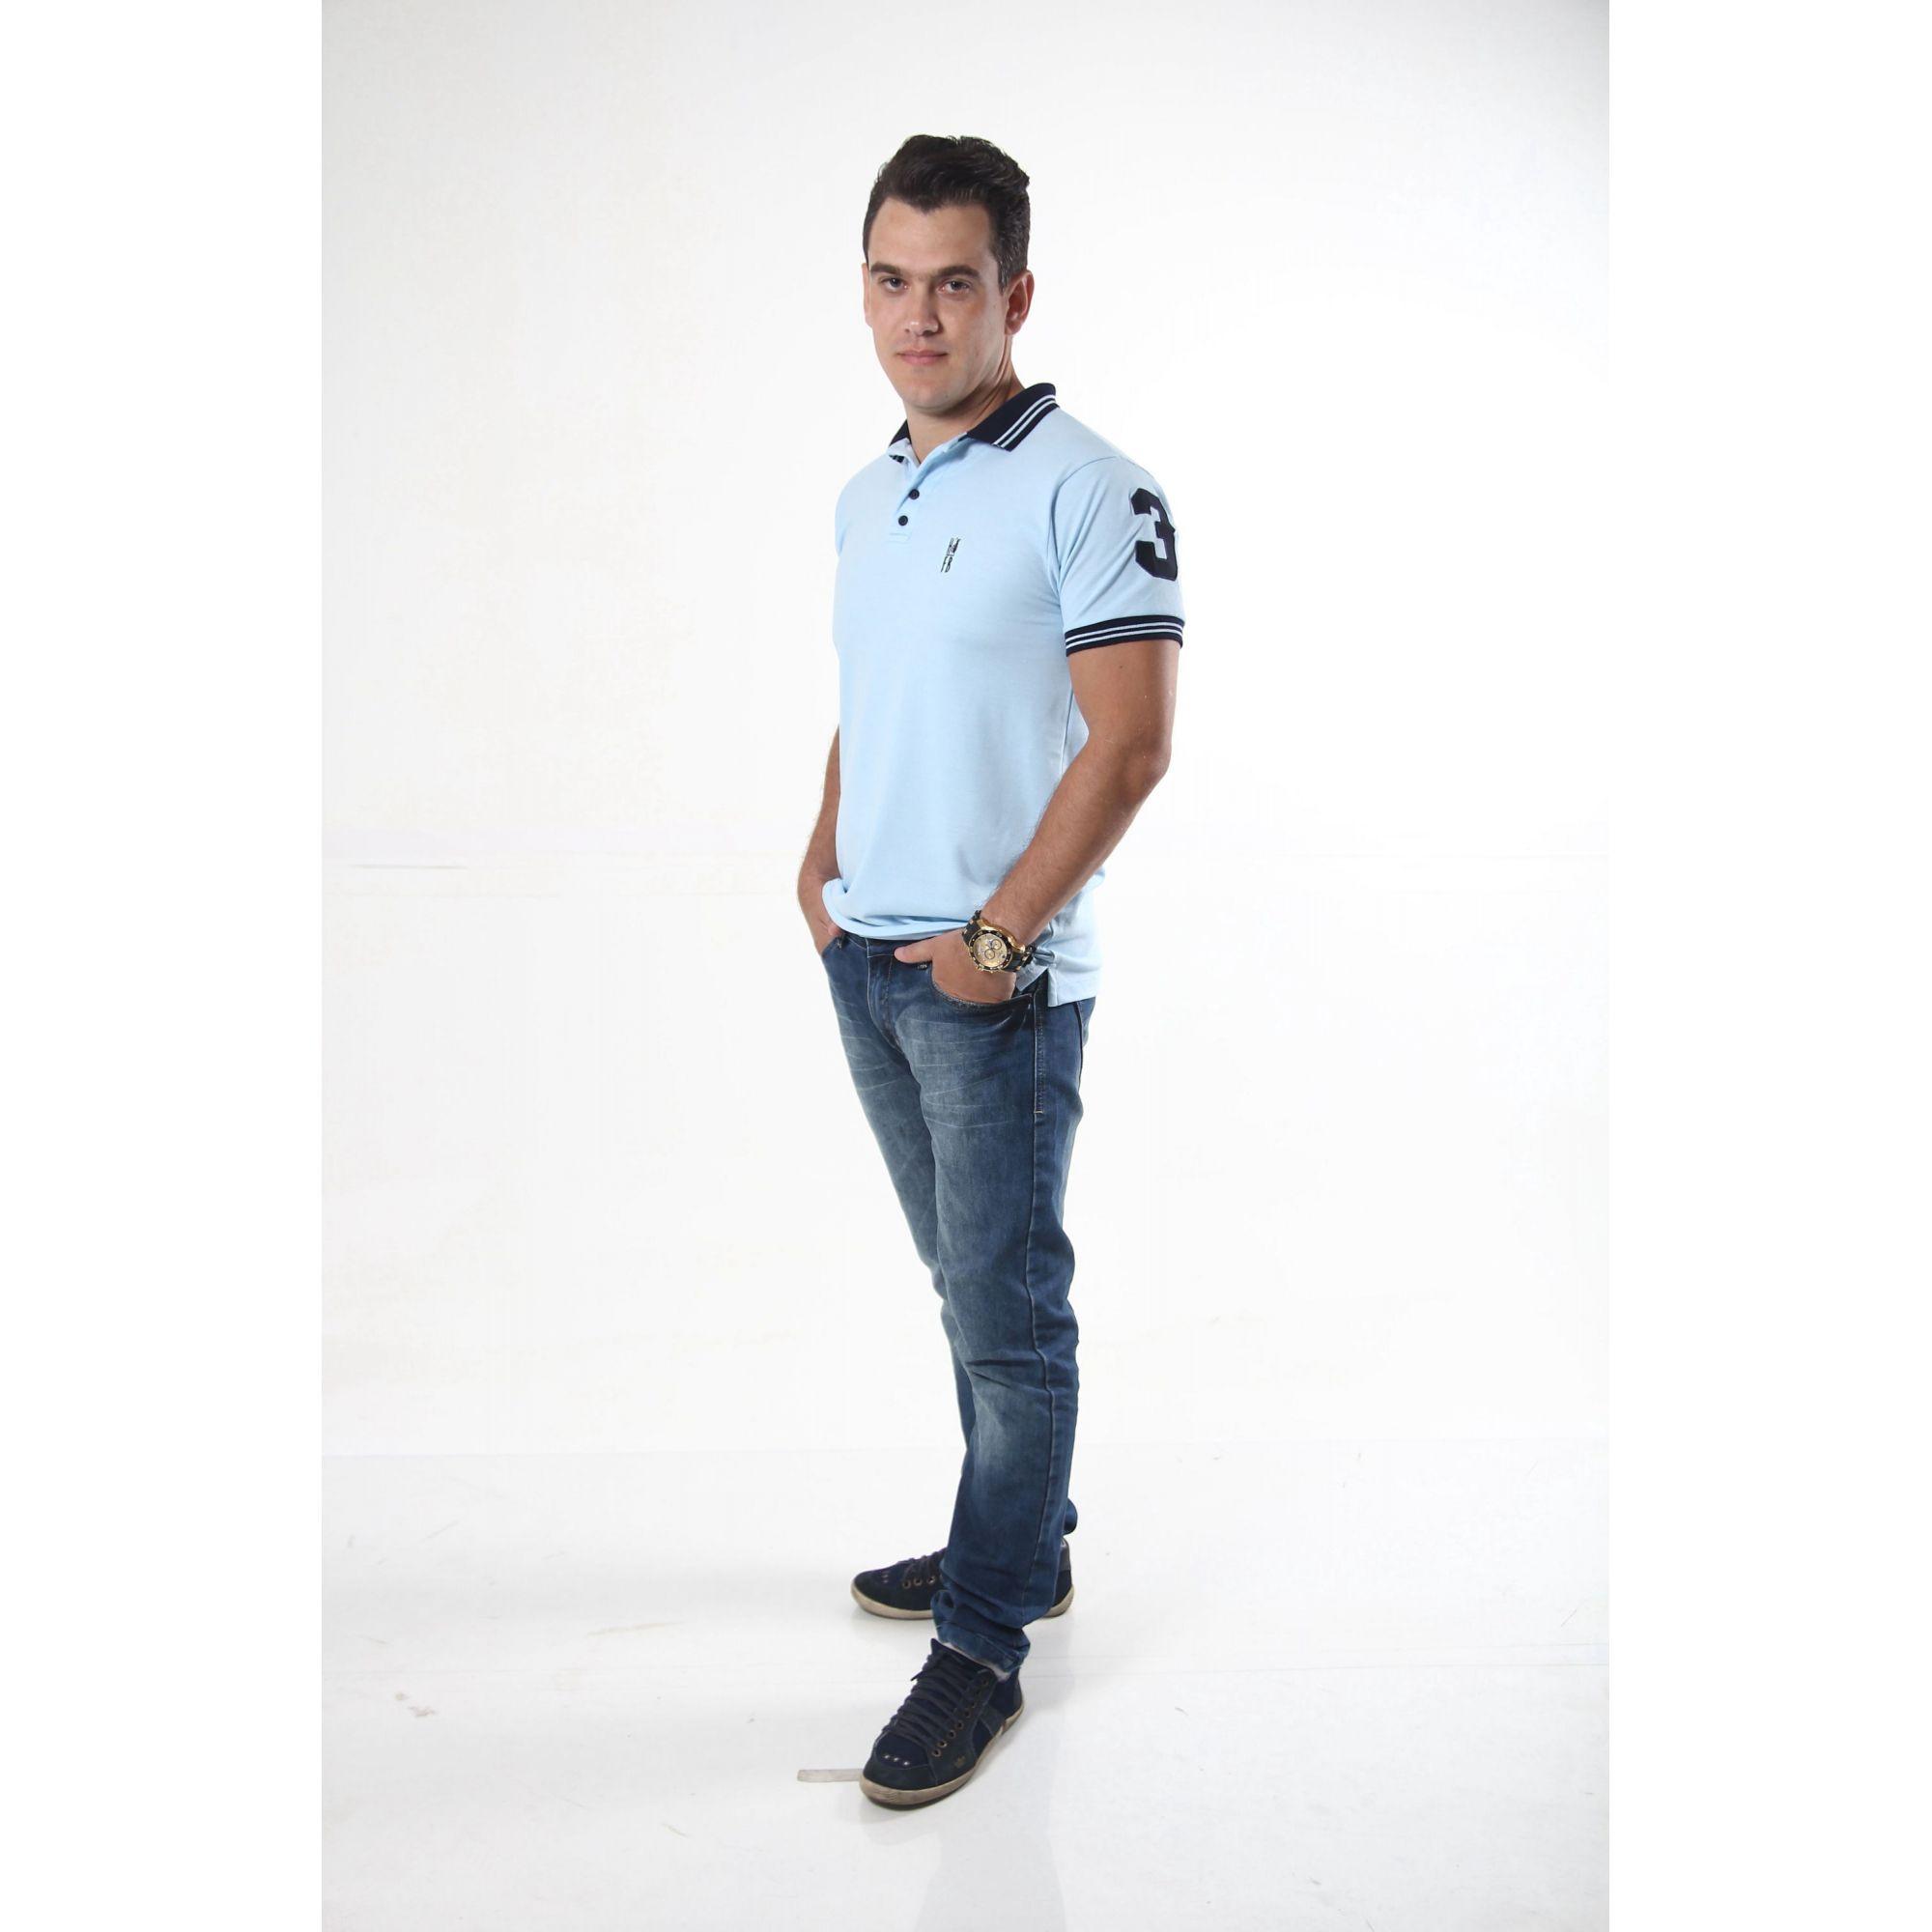 NAMORADOS > Kit 02 Peças Camisas Polo Masculina + Feminina Azul Nobreza [Coleção Namorados]  - Heitor Fashion Brazil